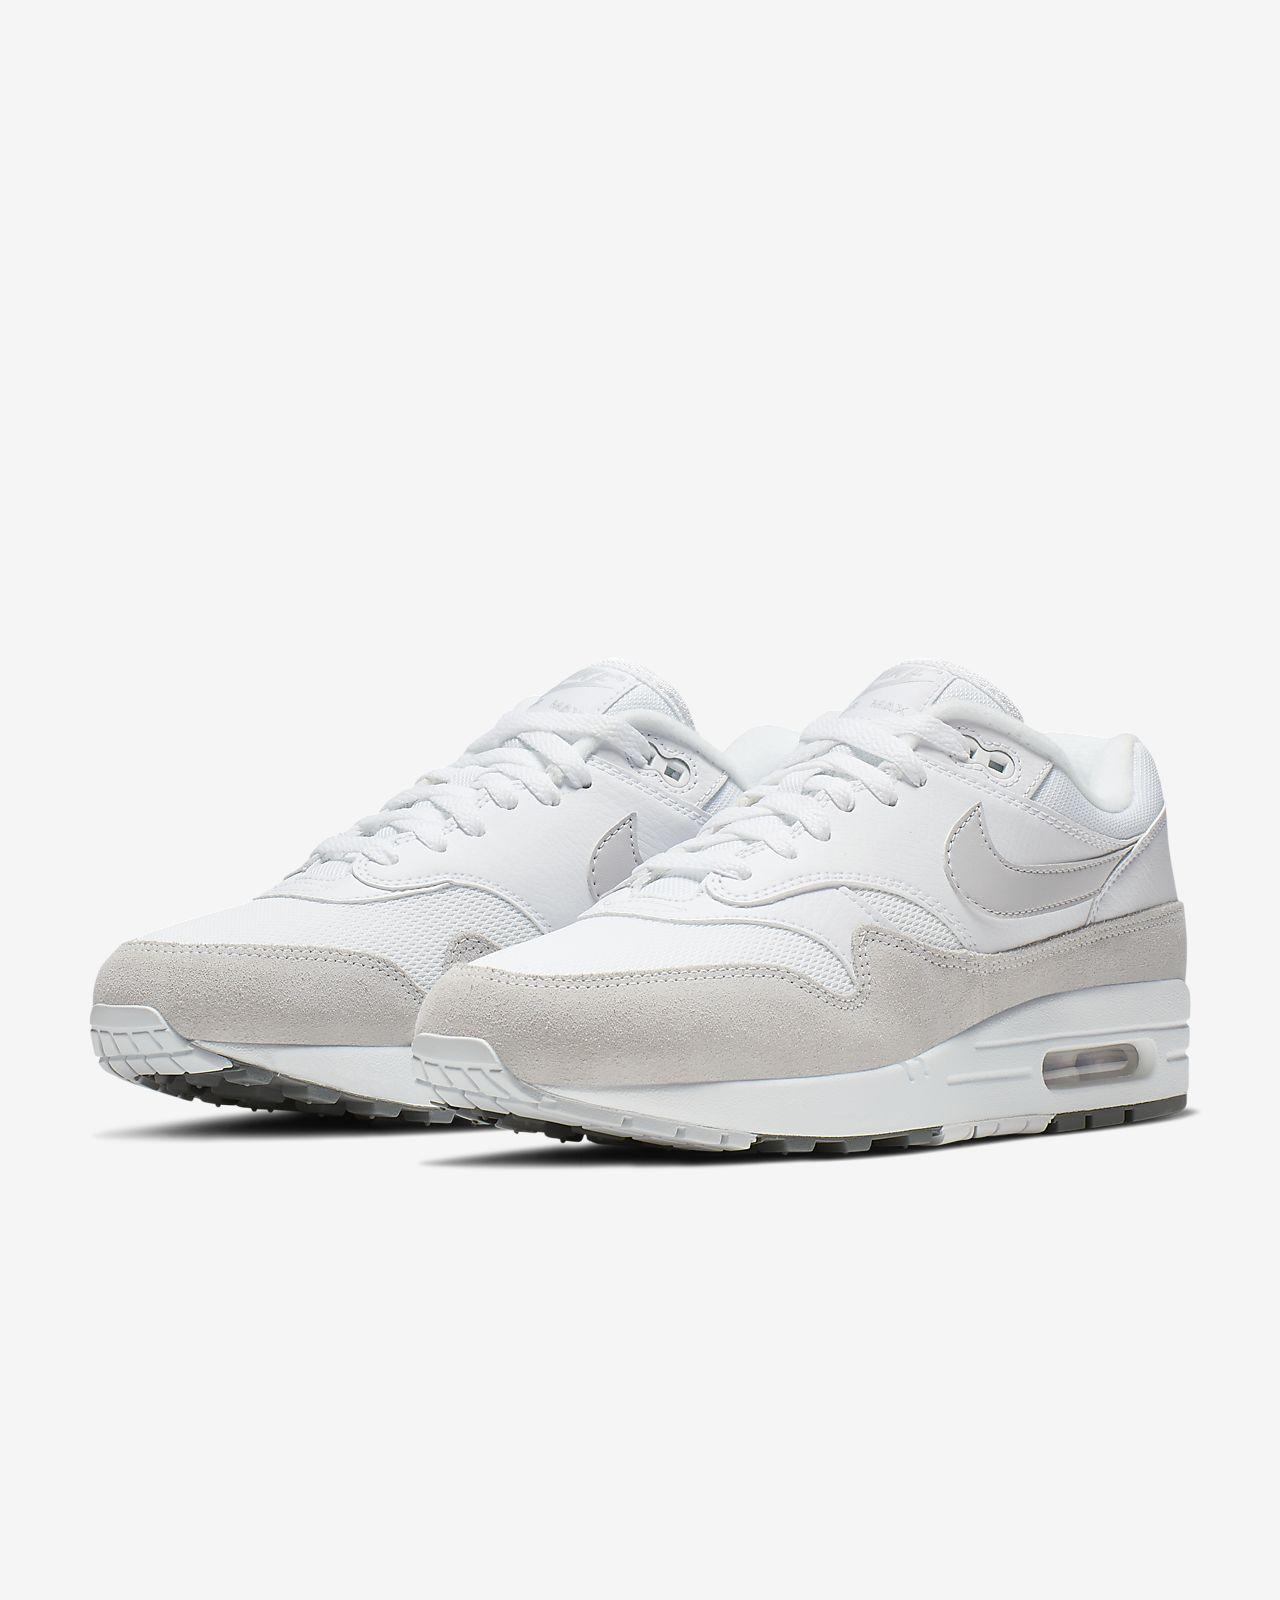 831b70f3886 Calzado para hombre Nike Air Max 1. Nike.com MX